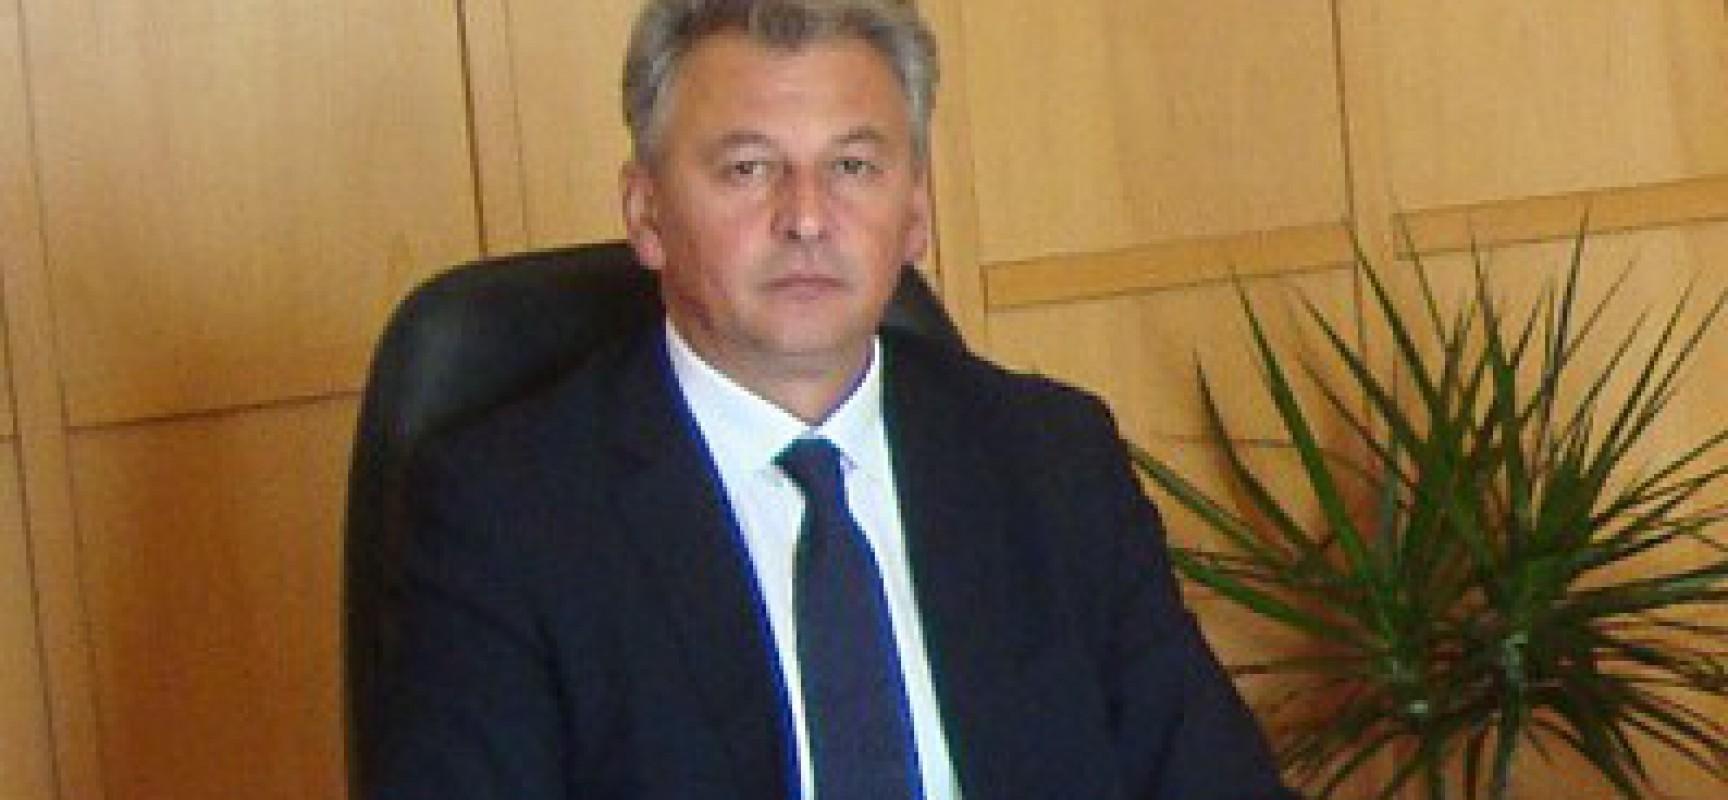 Δήμος Σοφάδων: Την Κυριακή 25 Αυγούστου η τελετή ορκωμοσίας της νέας Δημοτικής Αρχής